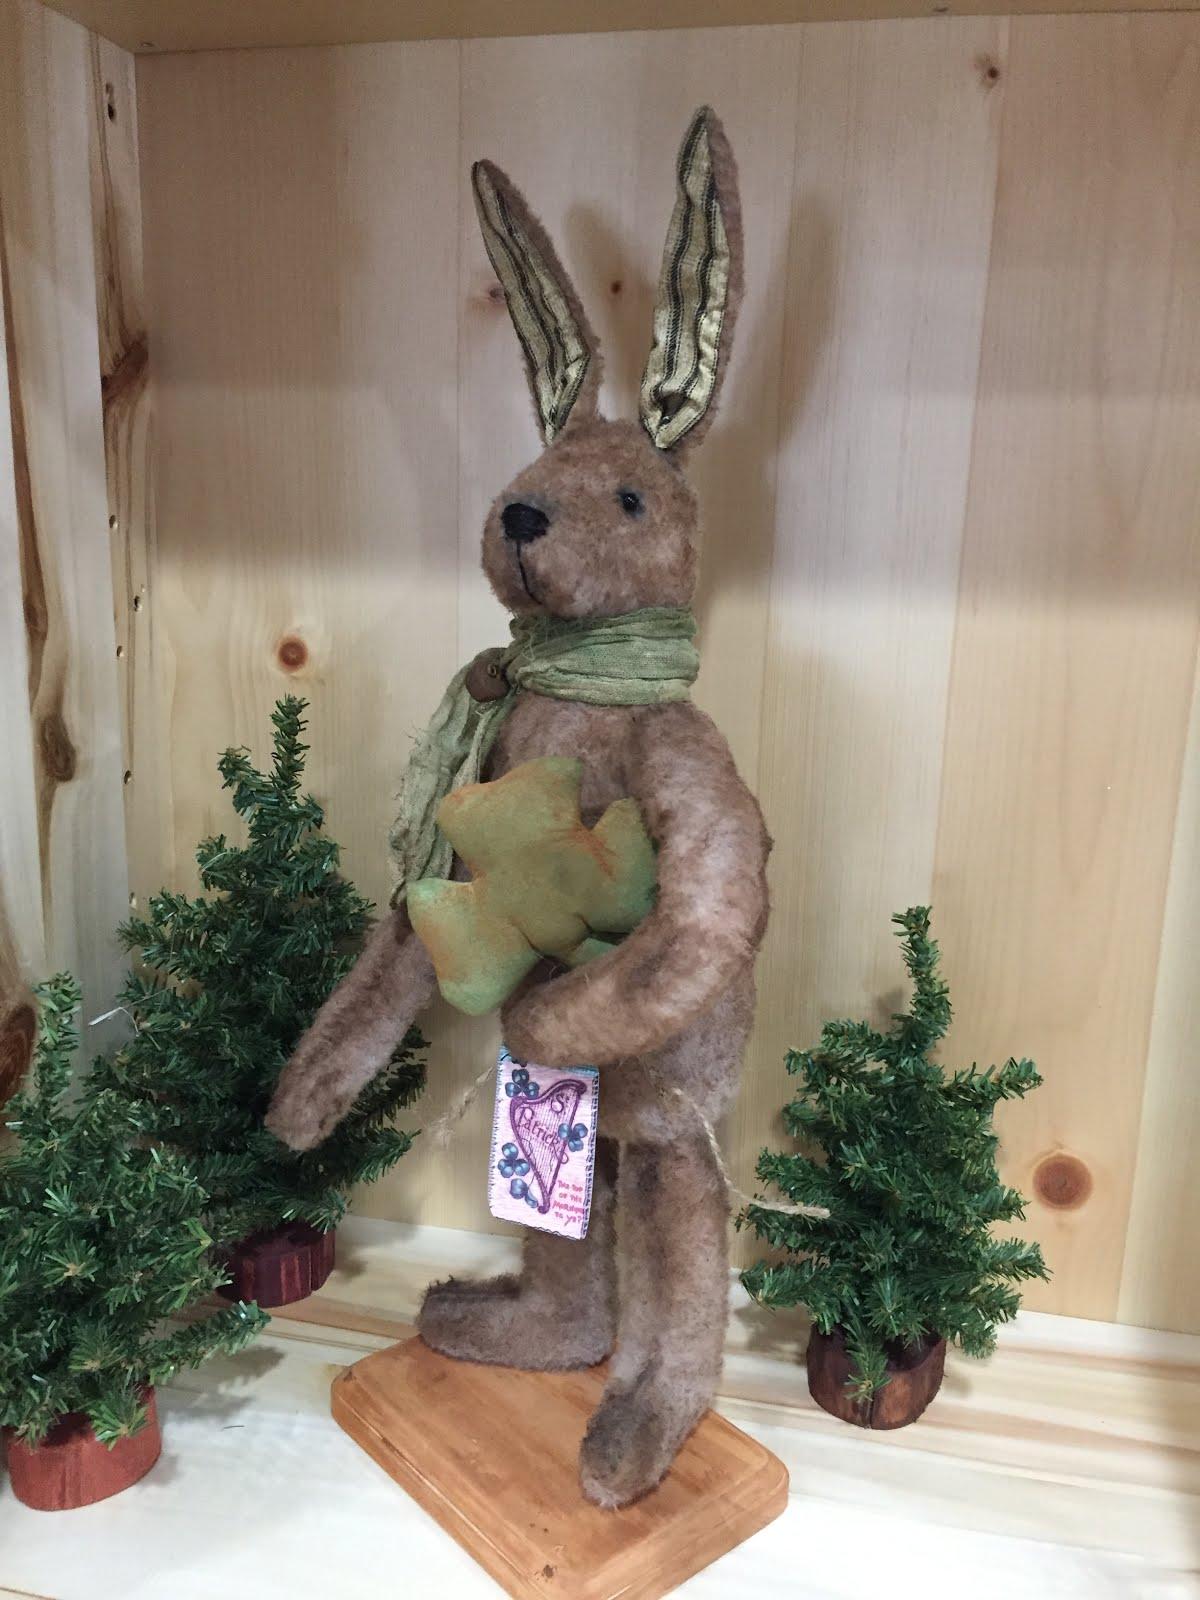 Bartley Irish Bunny